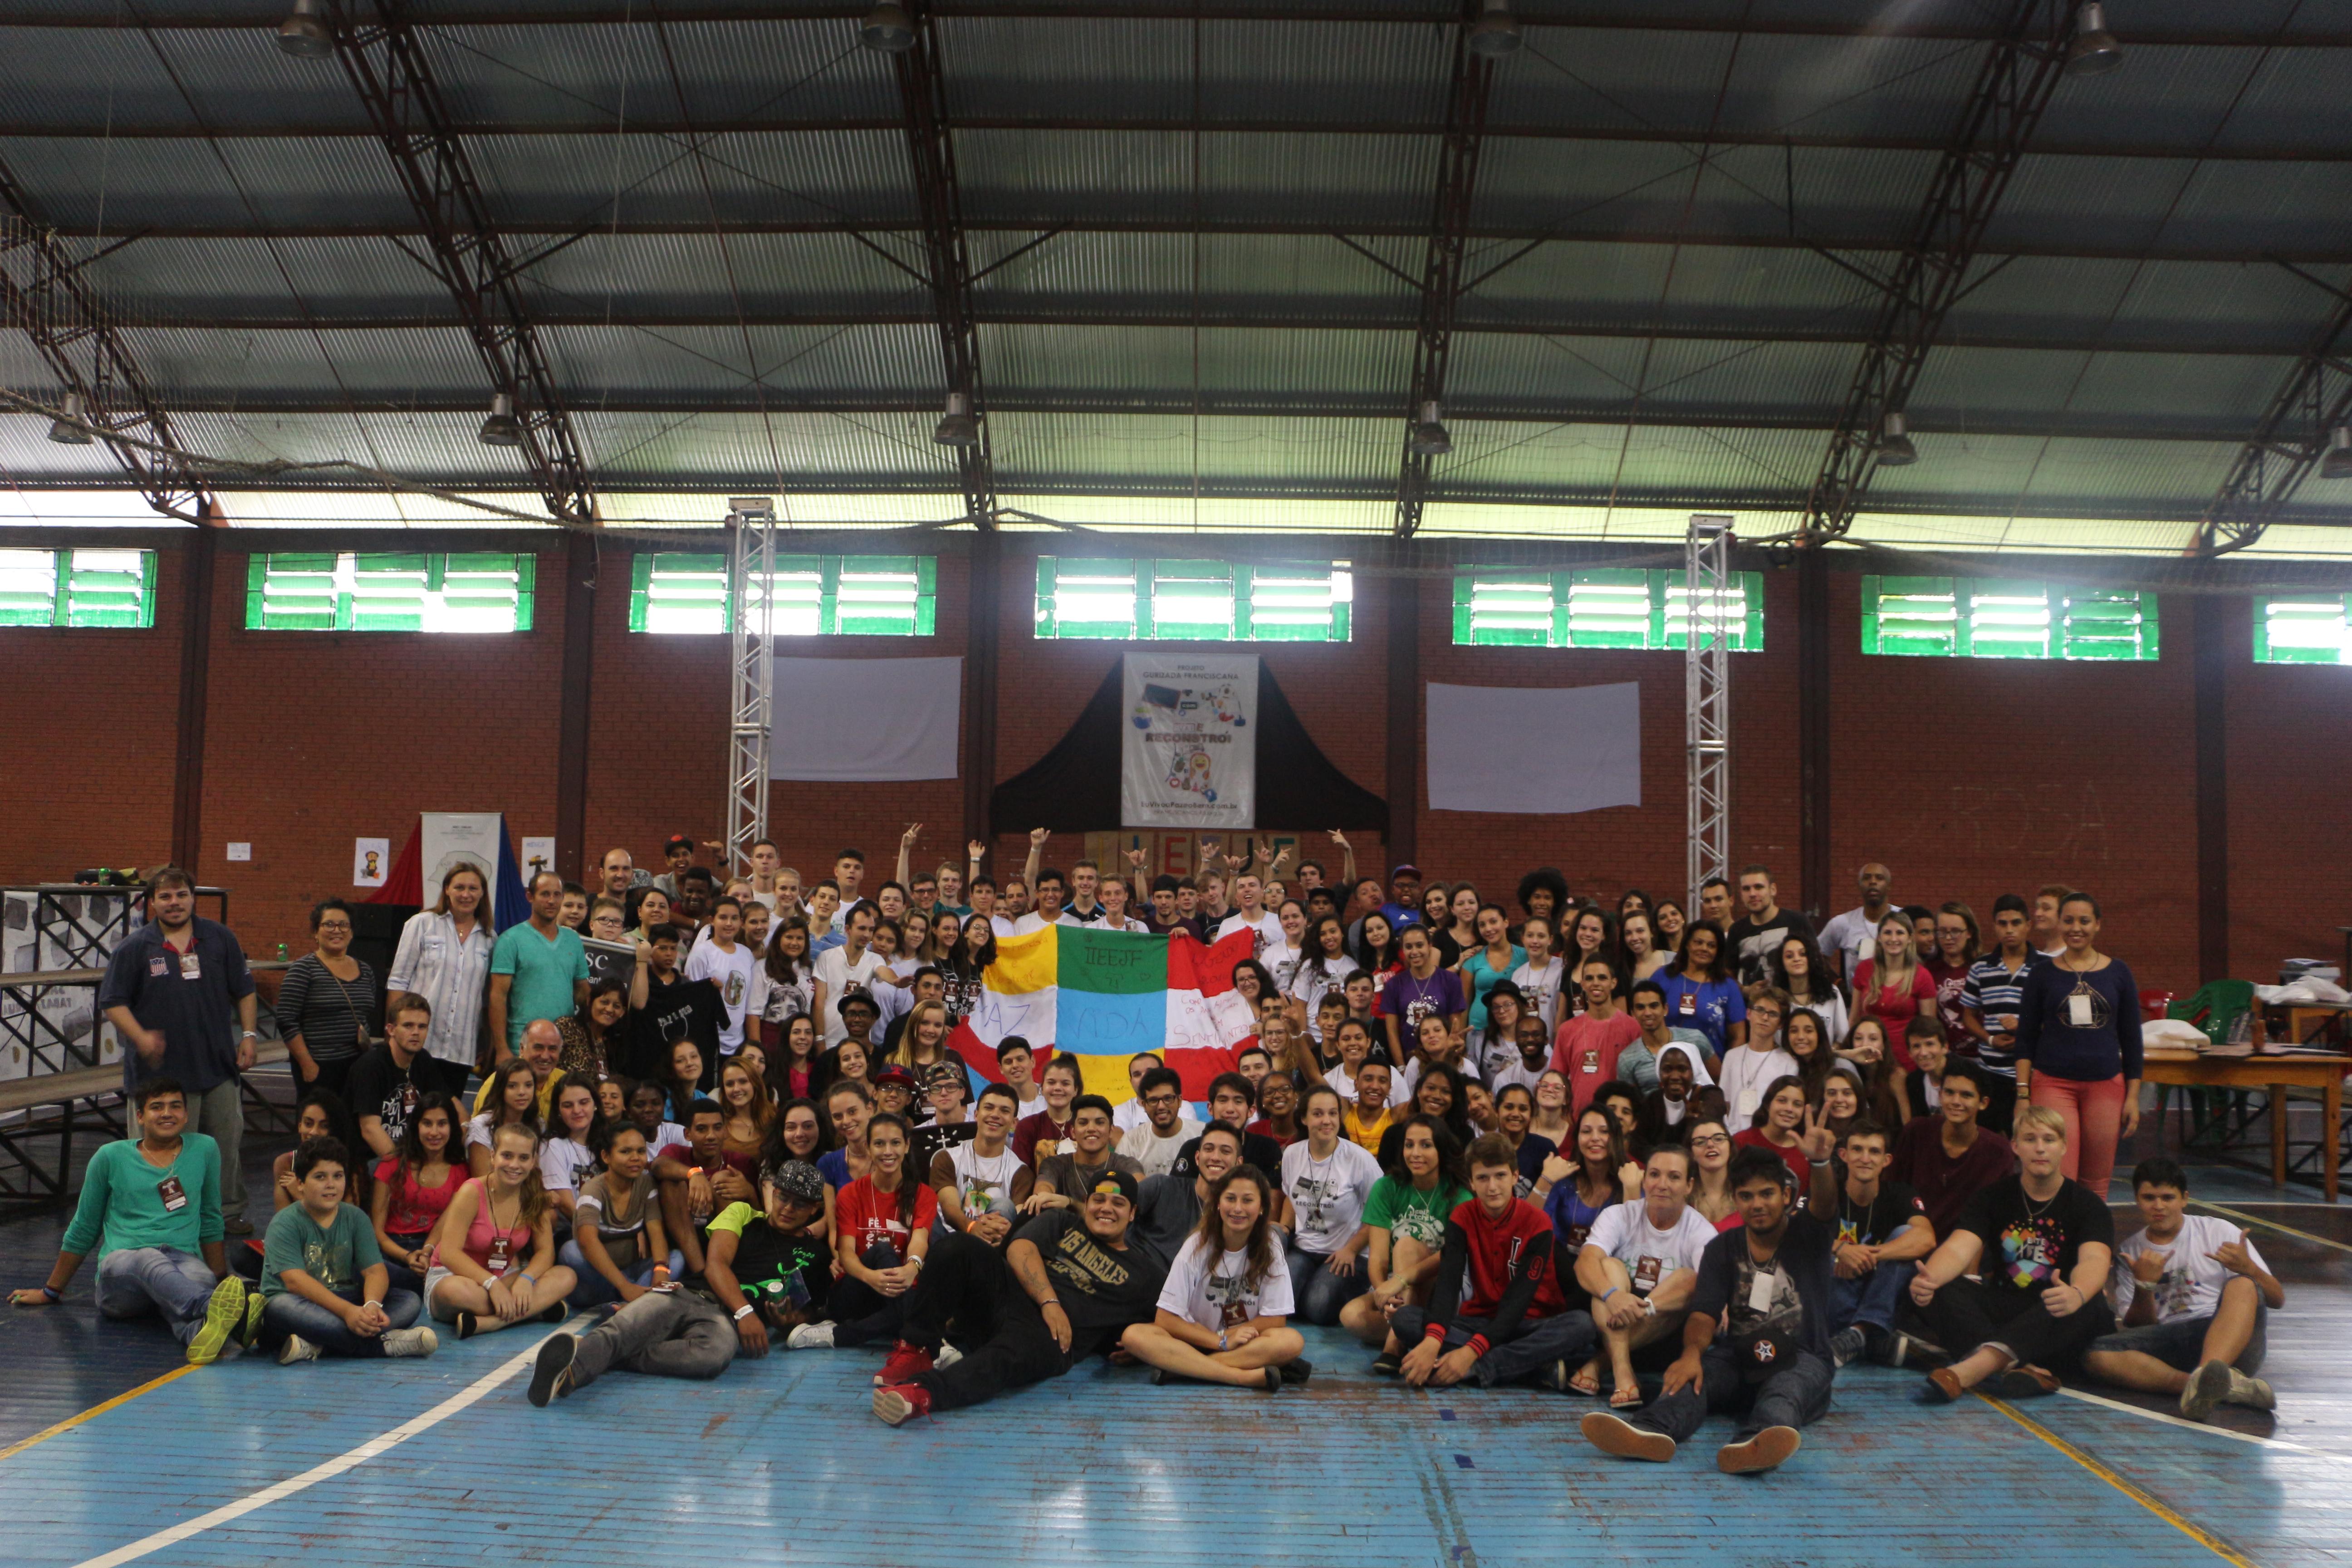 Jovens se reúnem no sul para celebrar o carisma franciscano